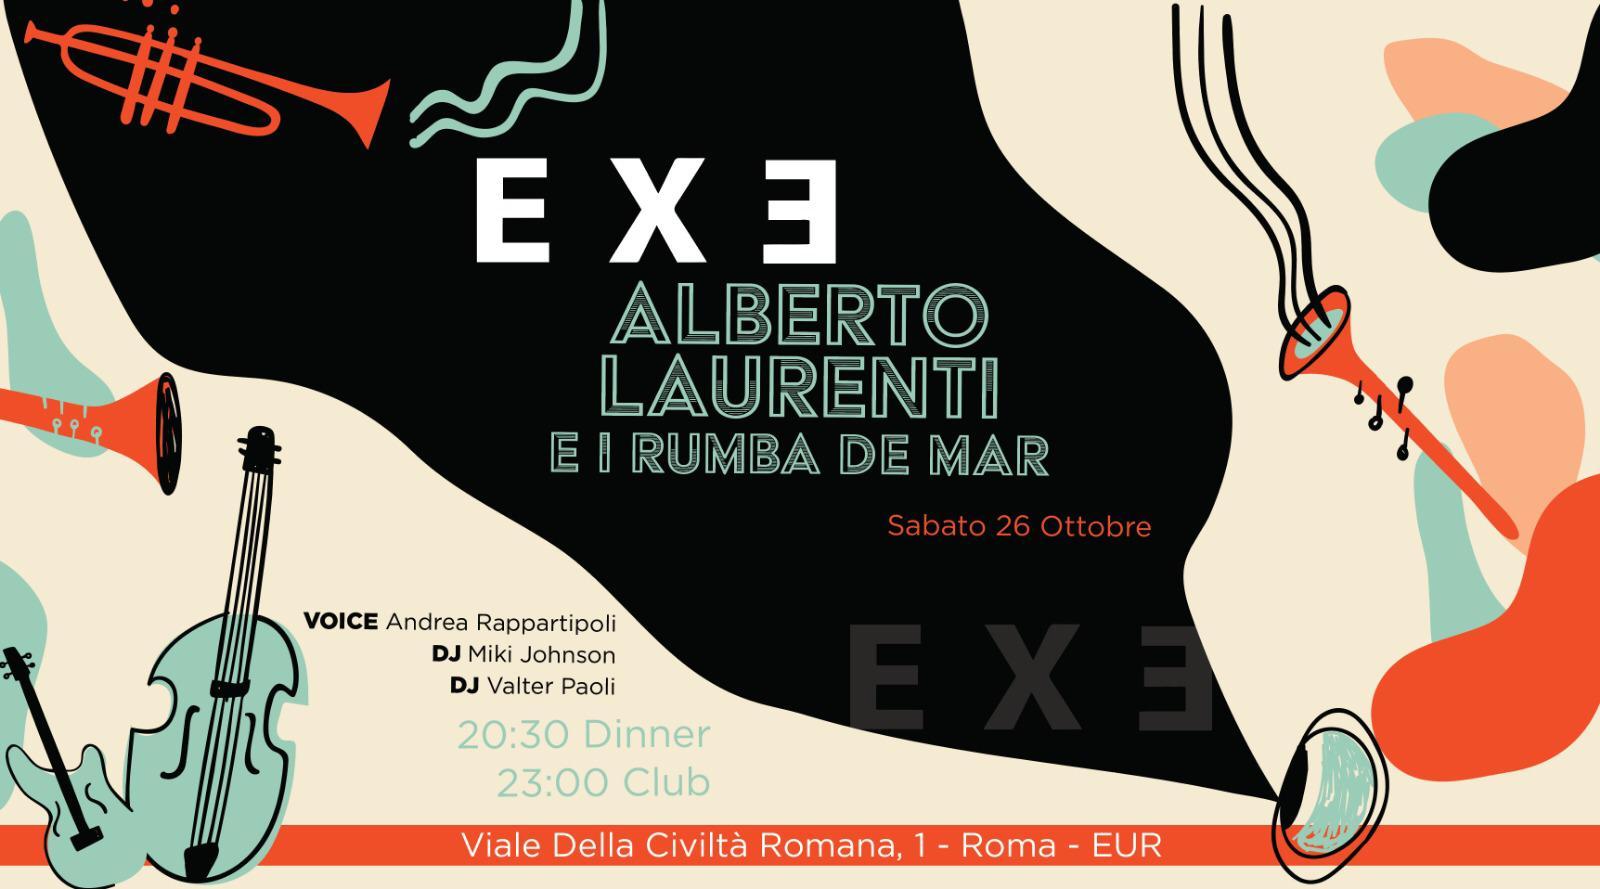 Discoteca Exe sabato 26 ottobre 2019 Aperitivo Cena Eur